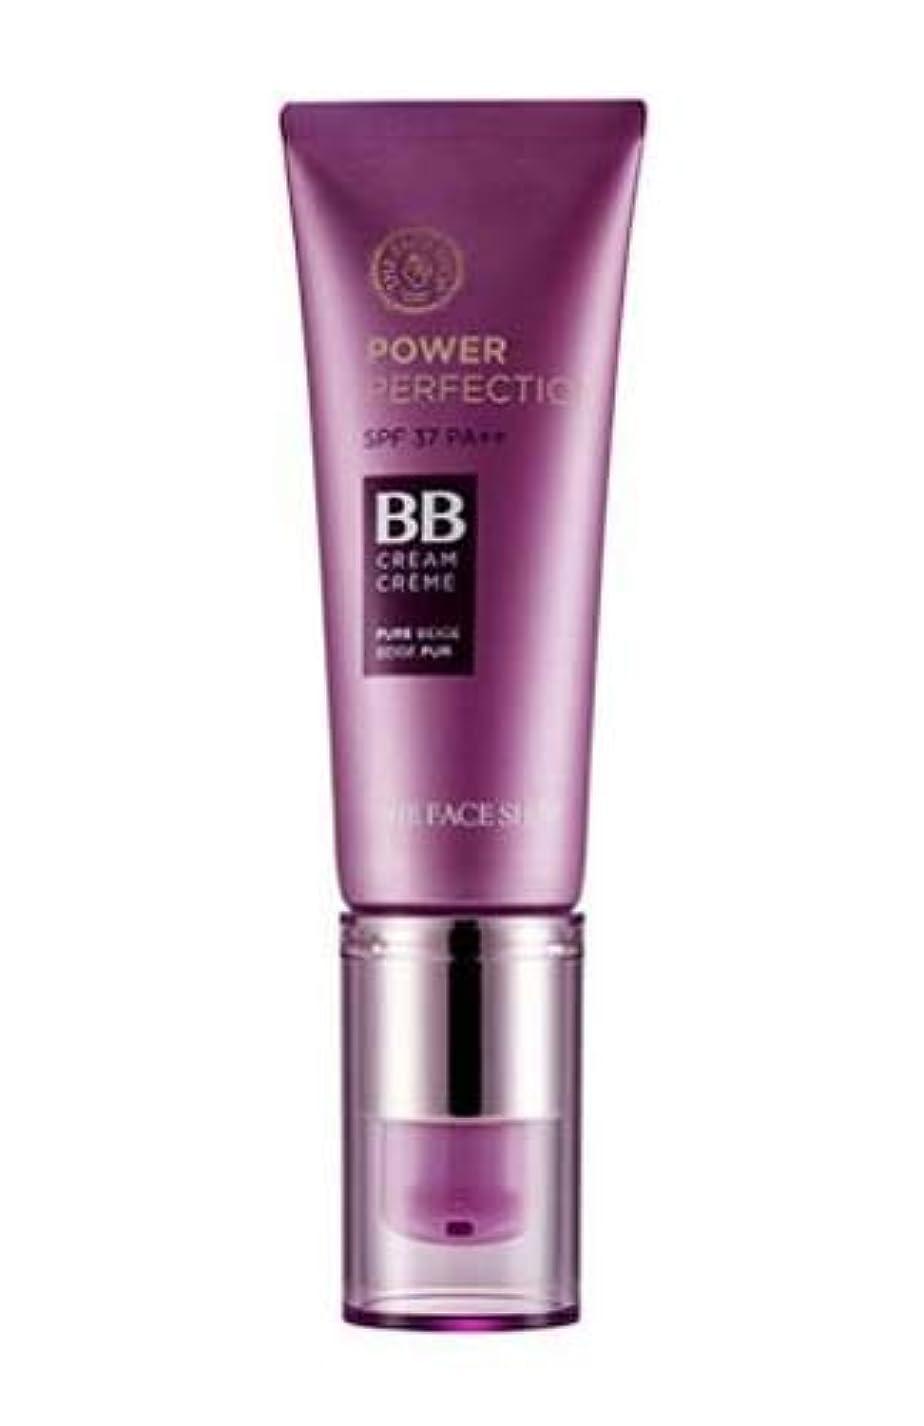 残りダーツナビゲーション[ザ?フェイスショップ] THE FACE SHOP [パワー パーフェクションBBクリーム 20g] Power Perfection BB Cream SPF37PA++ (V203 - Natural Beige)